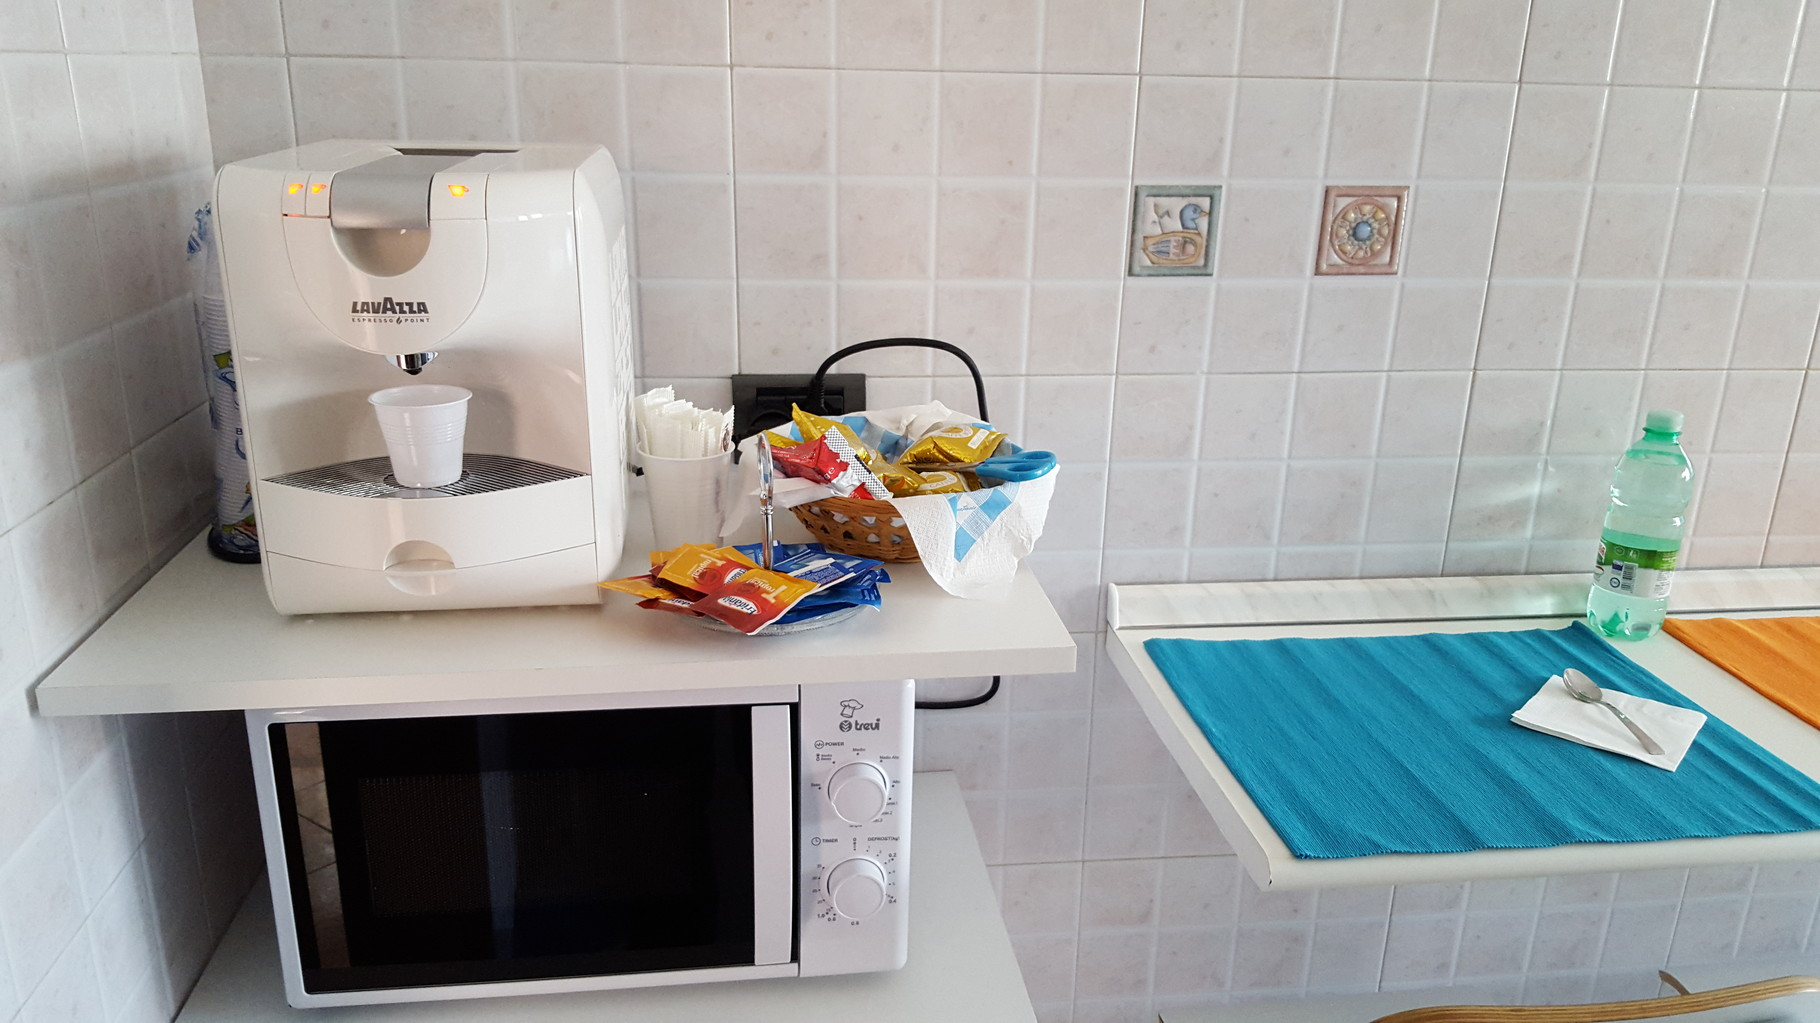 Particolare della macchina del caffè e del Forno a Microonde in Cucina